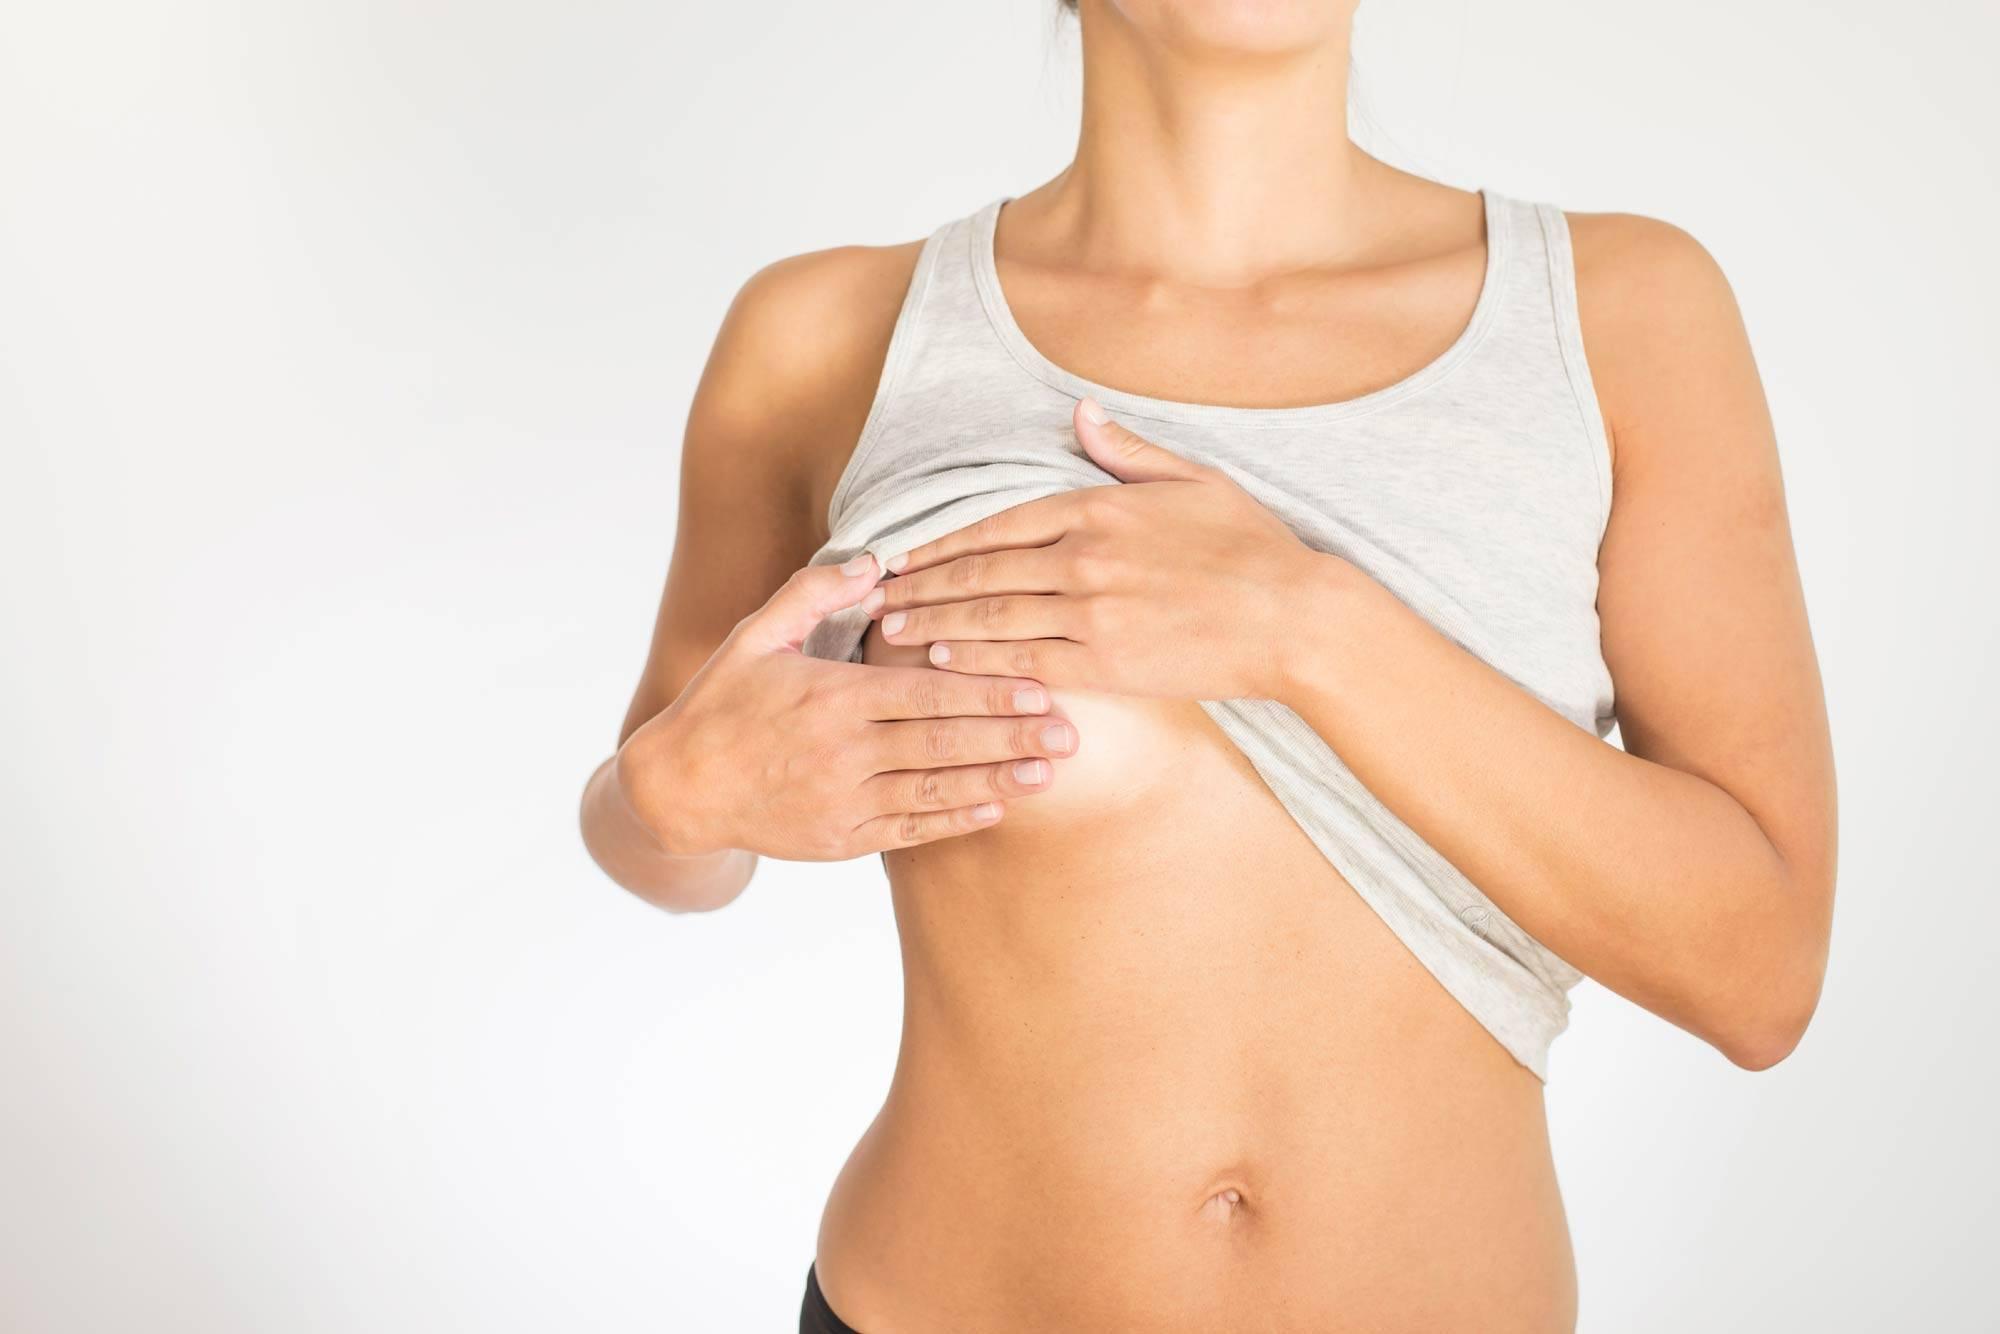 Почему грудь не перестает болеть после месячных. болит и набухает грудь после месячных, тянет низ живота: почему так бывает, опасно ли это и что делать